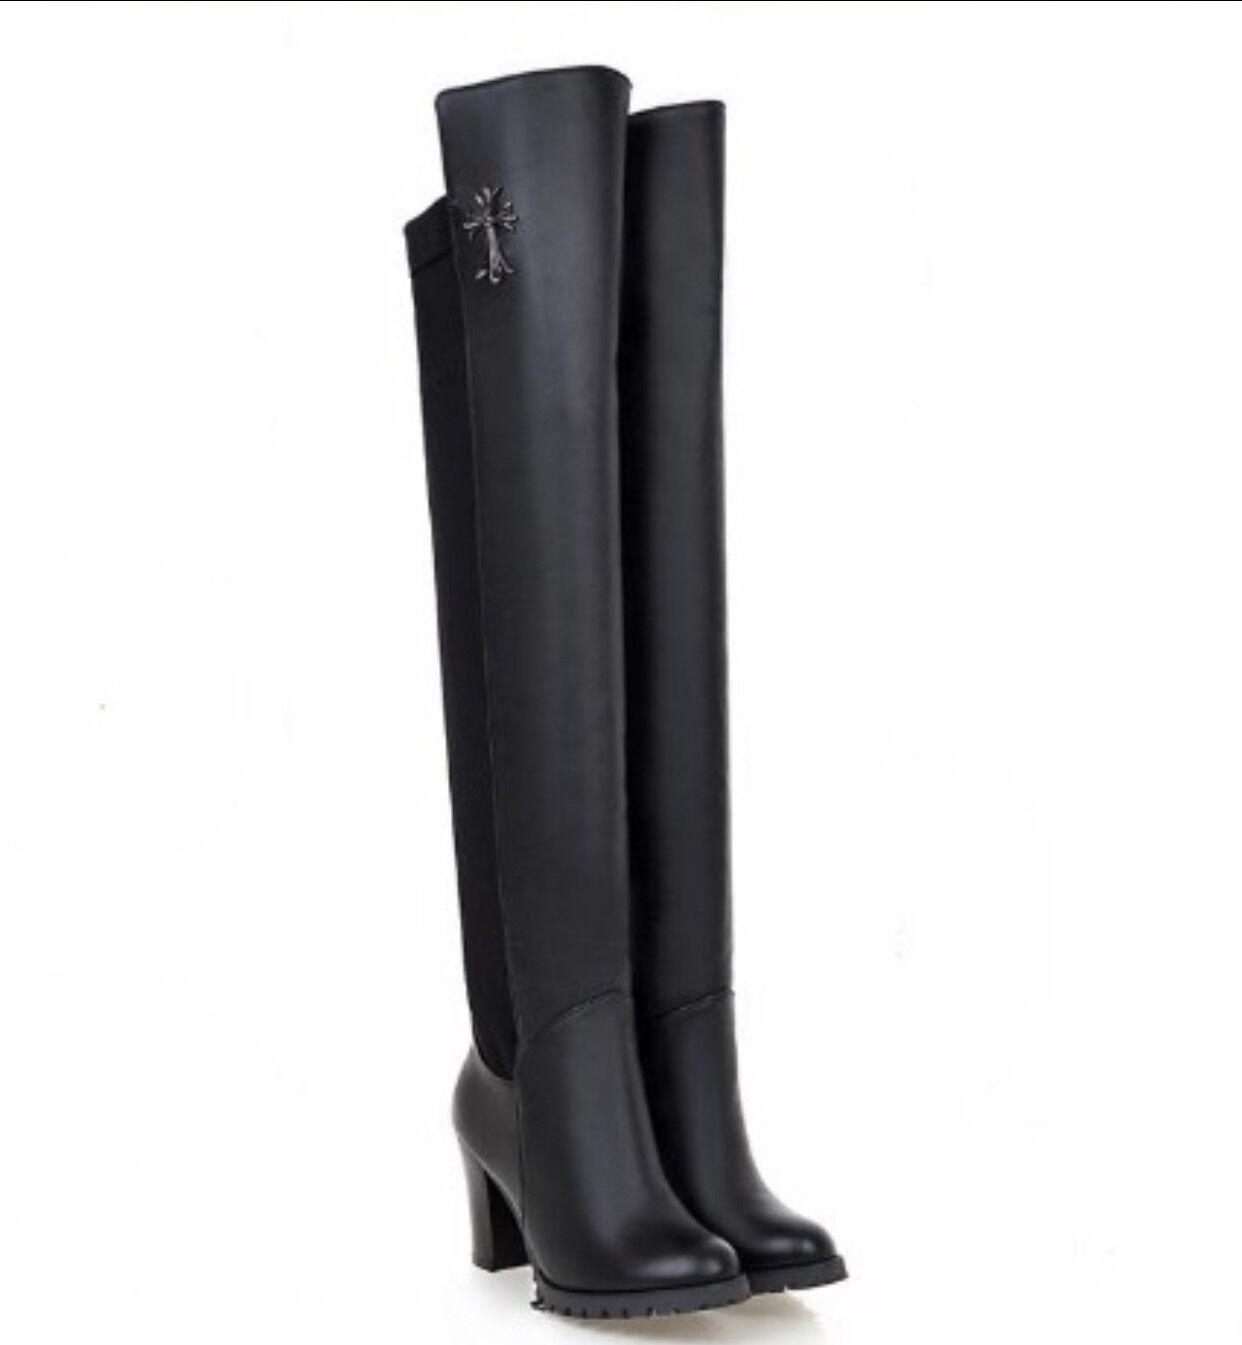 d3a081e0fb3 botas altas invierno cómodo mujer talón plataforma 8 cm negro como piel 8934